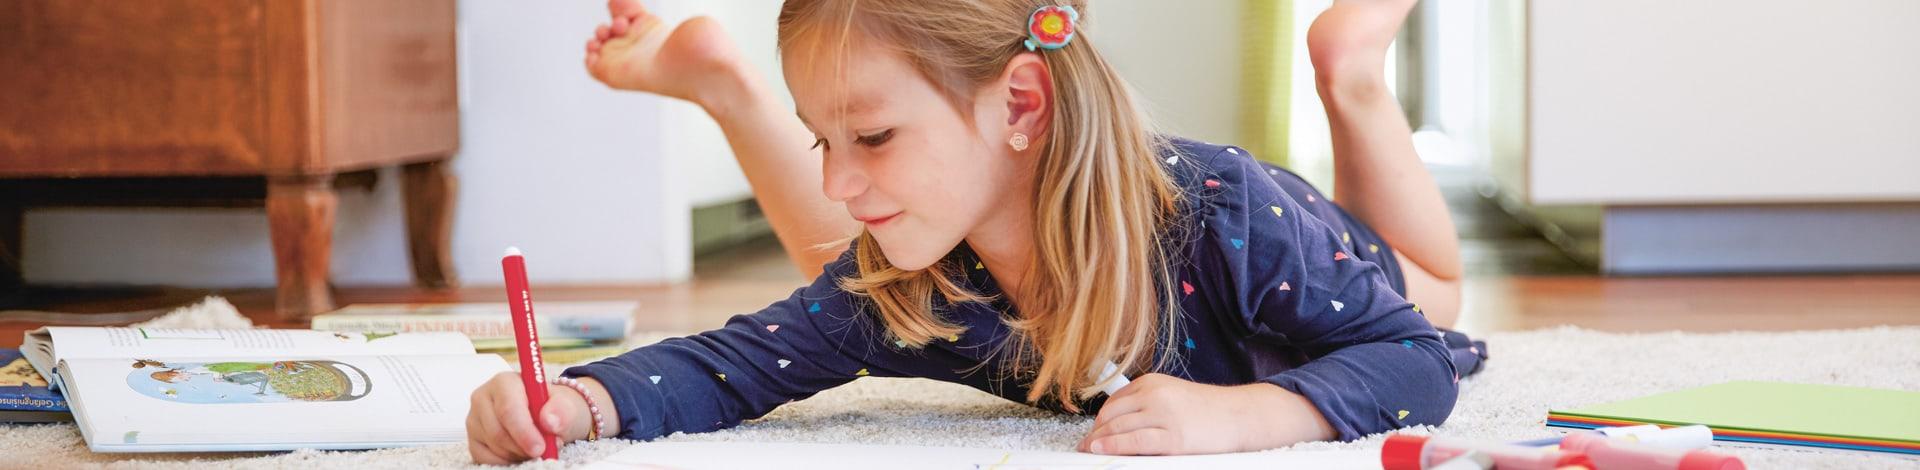 L assicurazione malattia per bambini assistenza for Assicurazione domestica